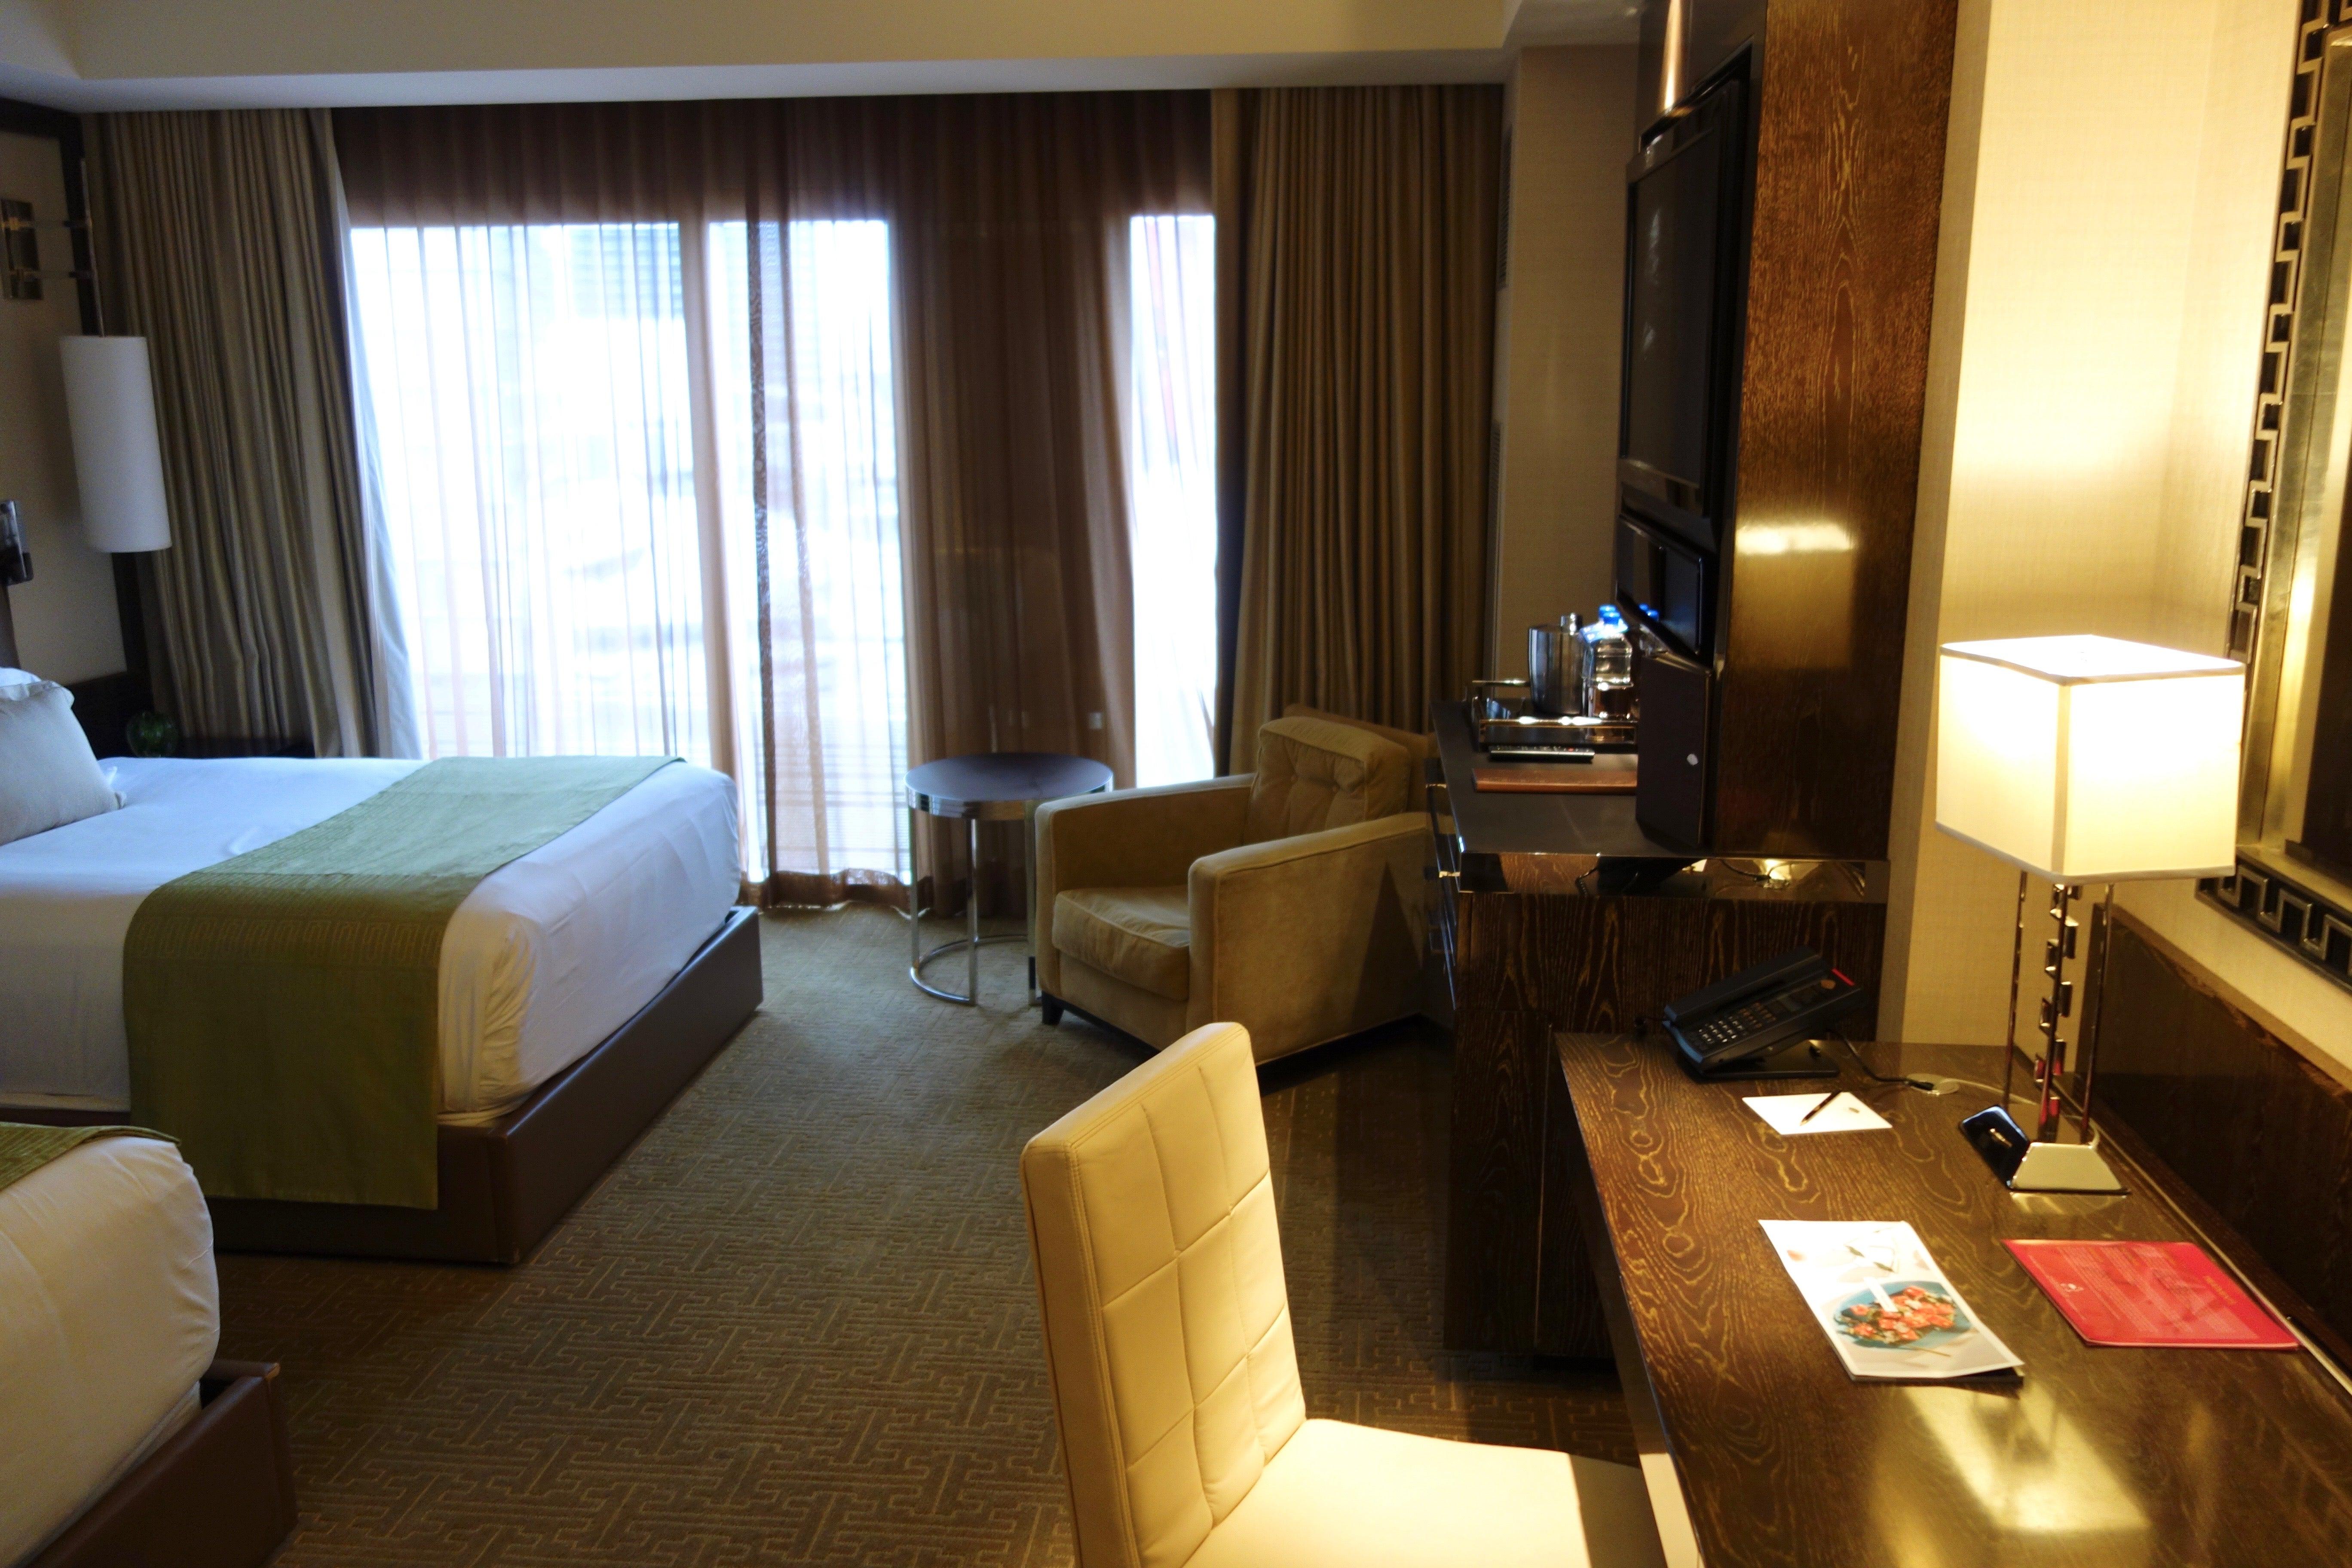 mgm hotel well grand vegas las rooms room en king stay bedroom